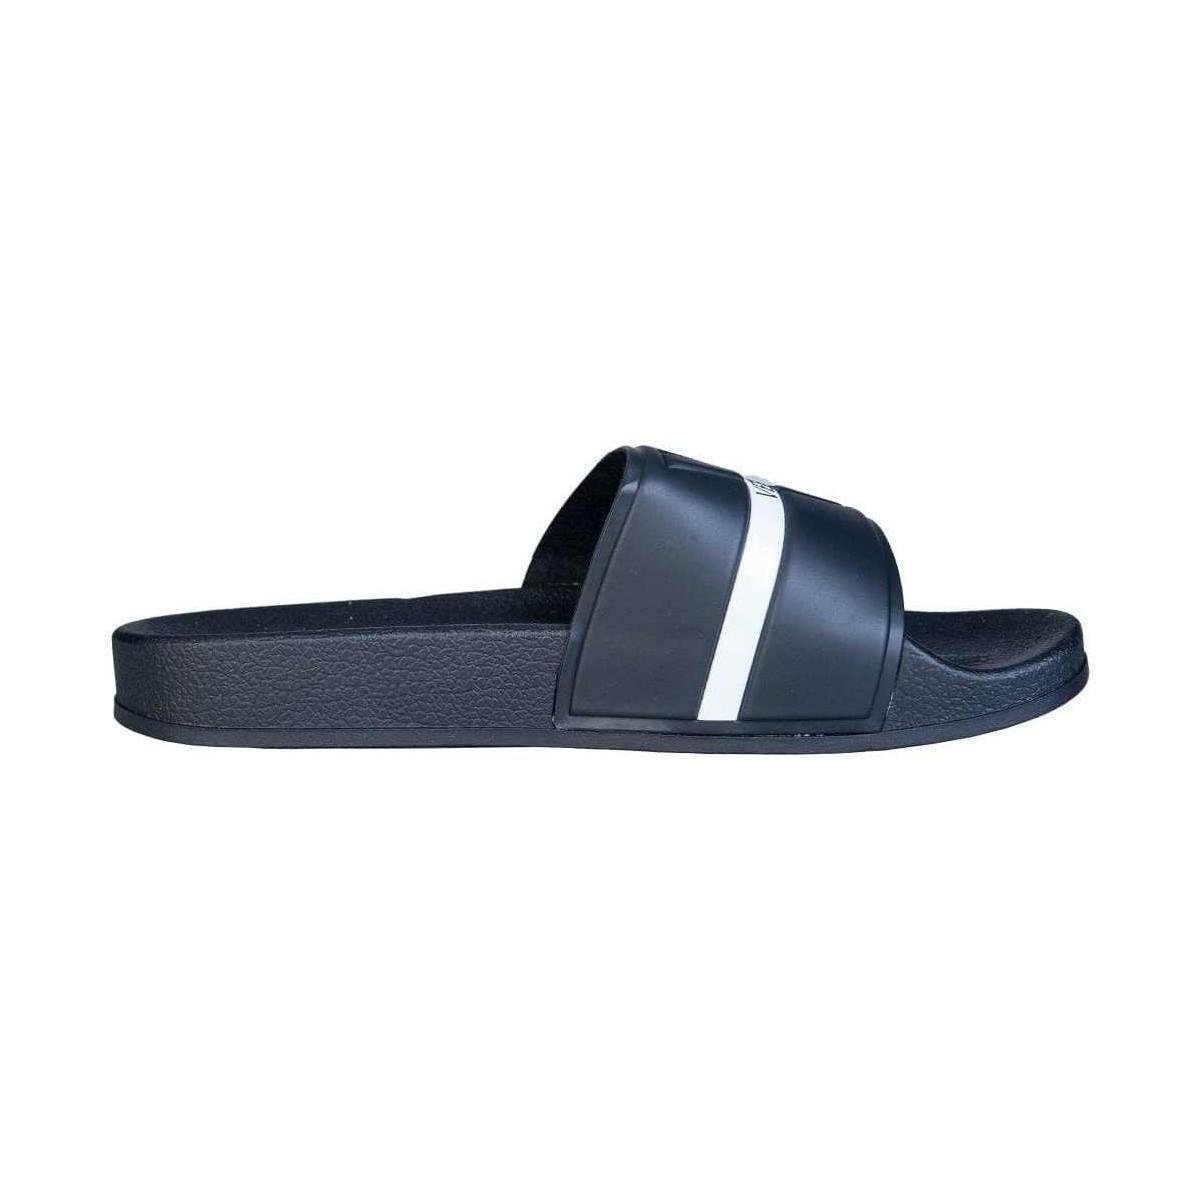 aaf45bc27ca5 Versace Sliders E0ysbsl1 70824 Men s Flip Flops   Sandals (shoes) In ...